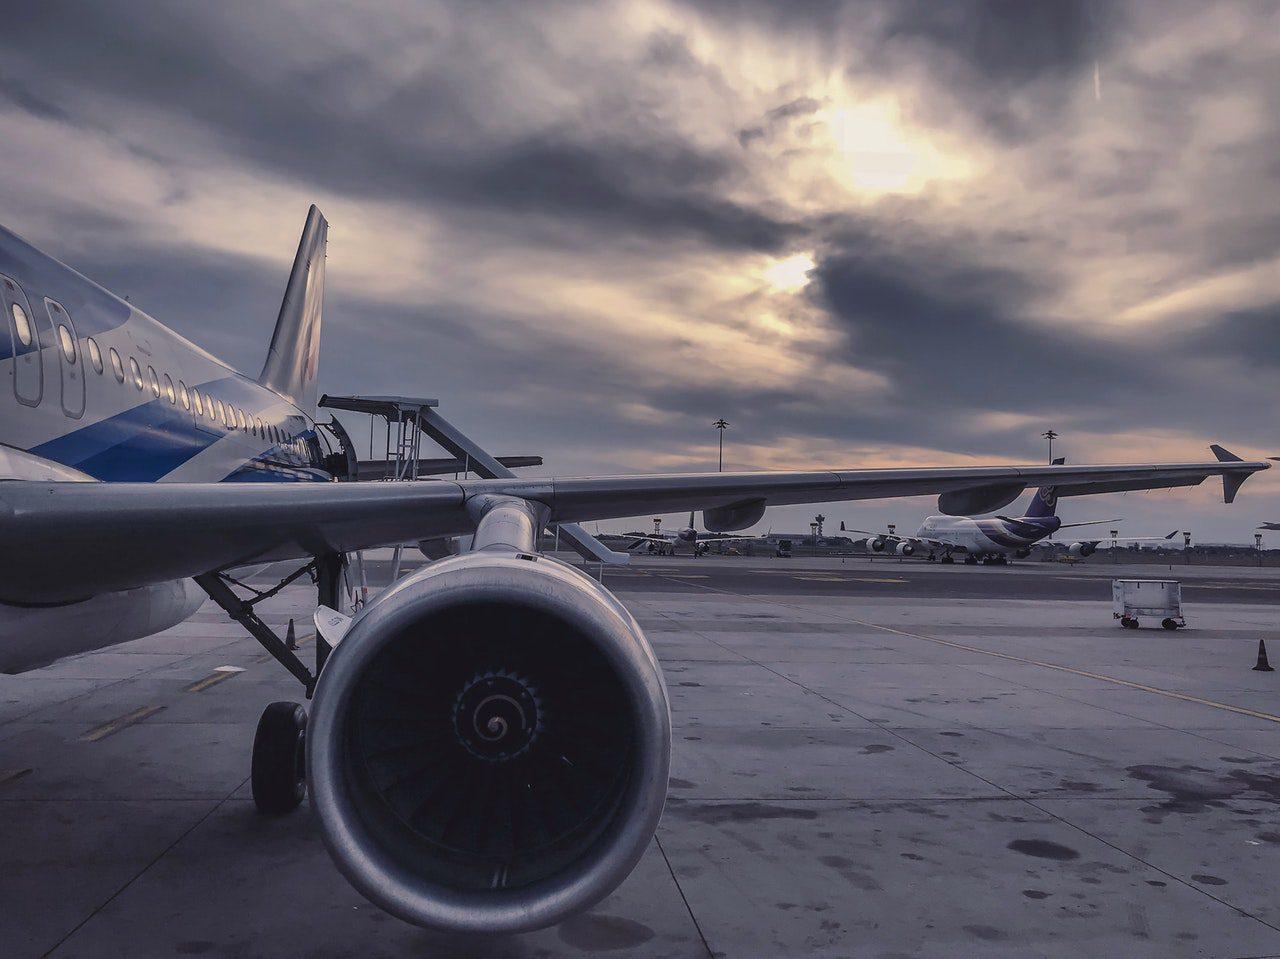 turbina de avião em aeroporto